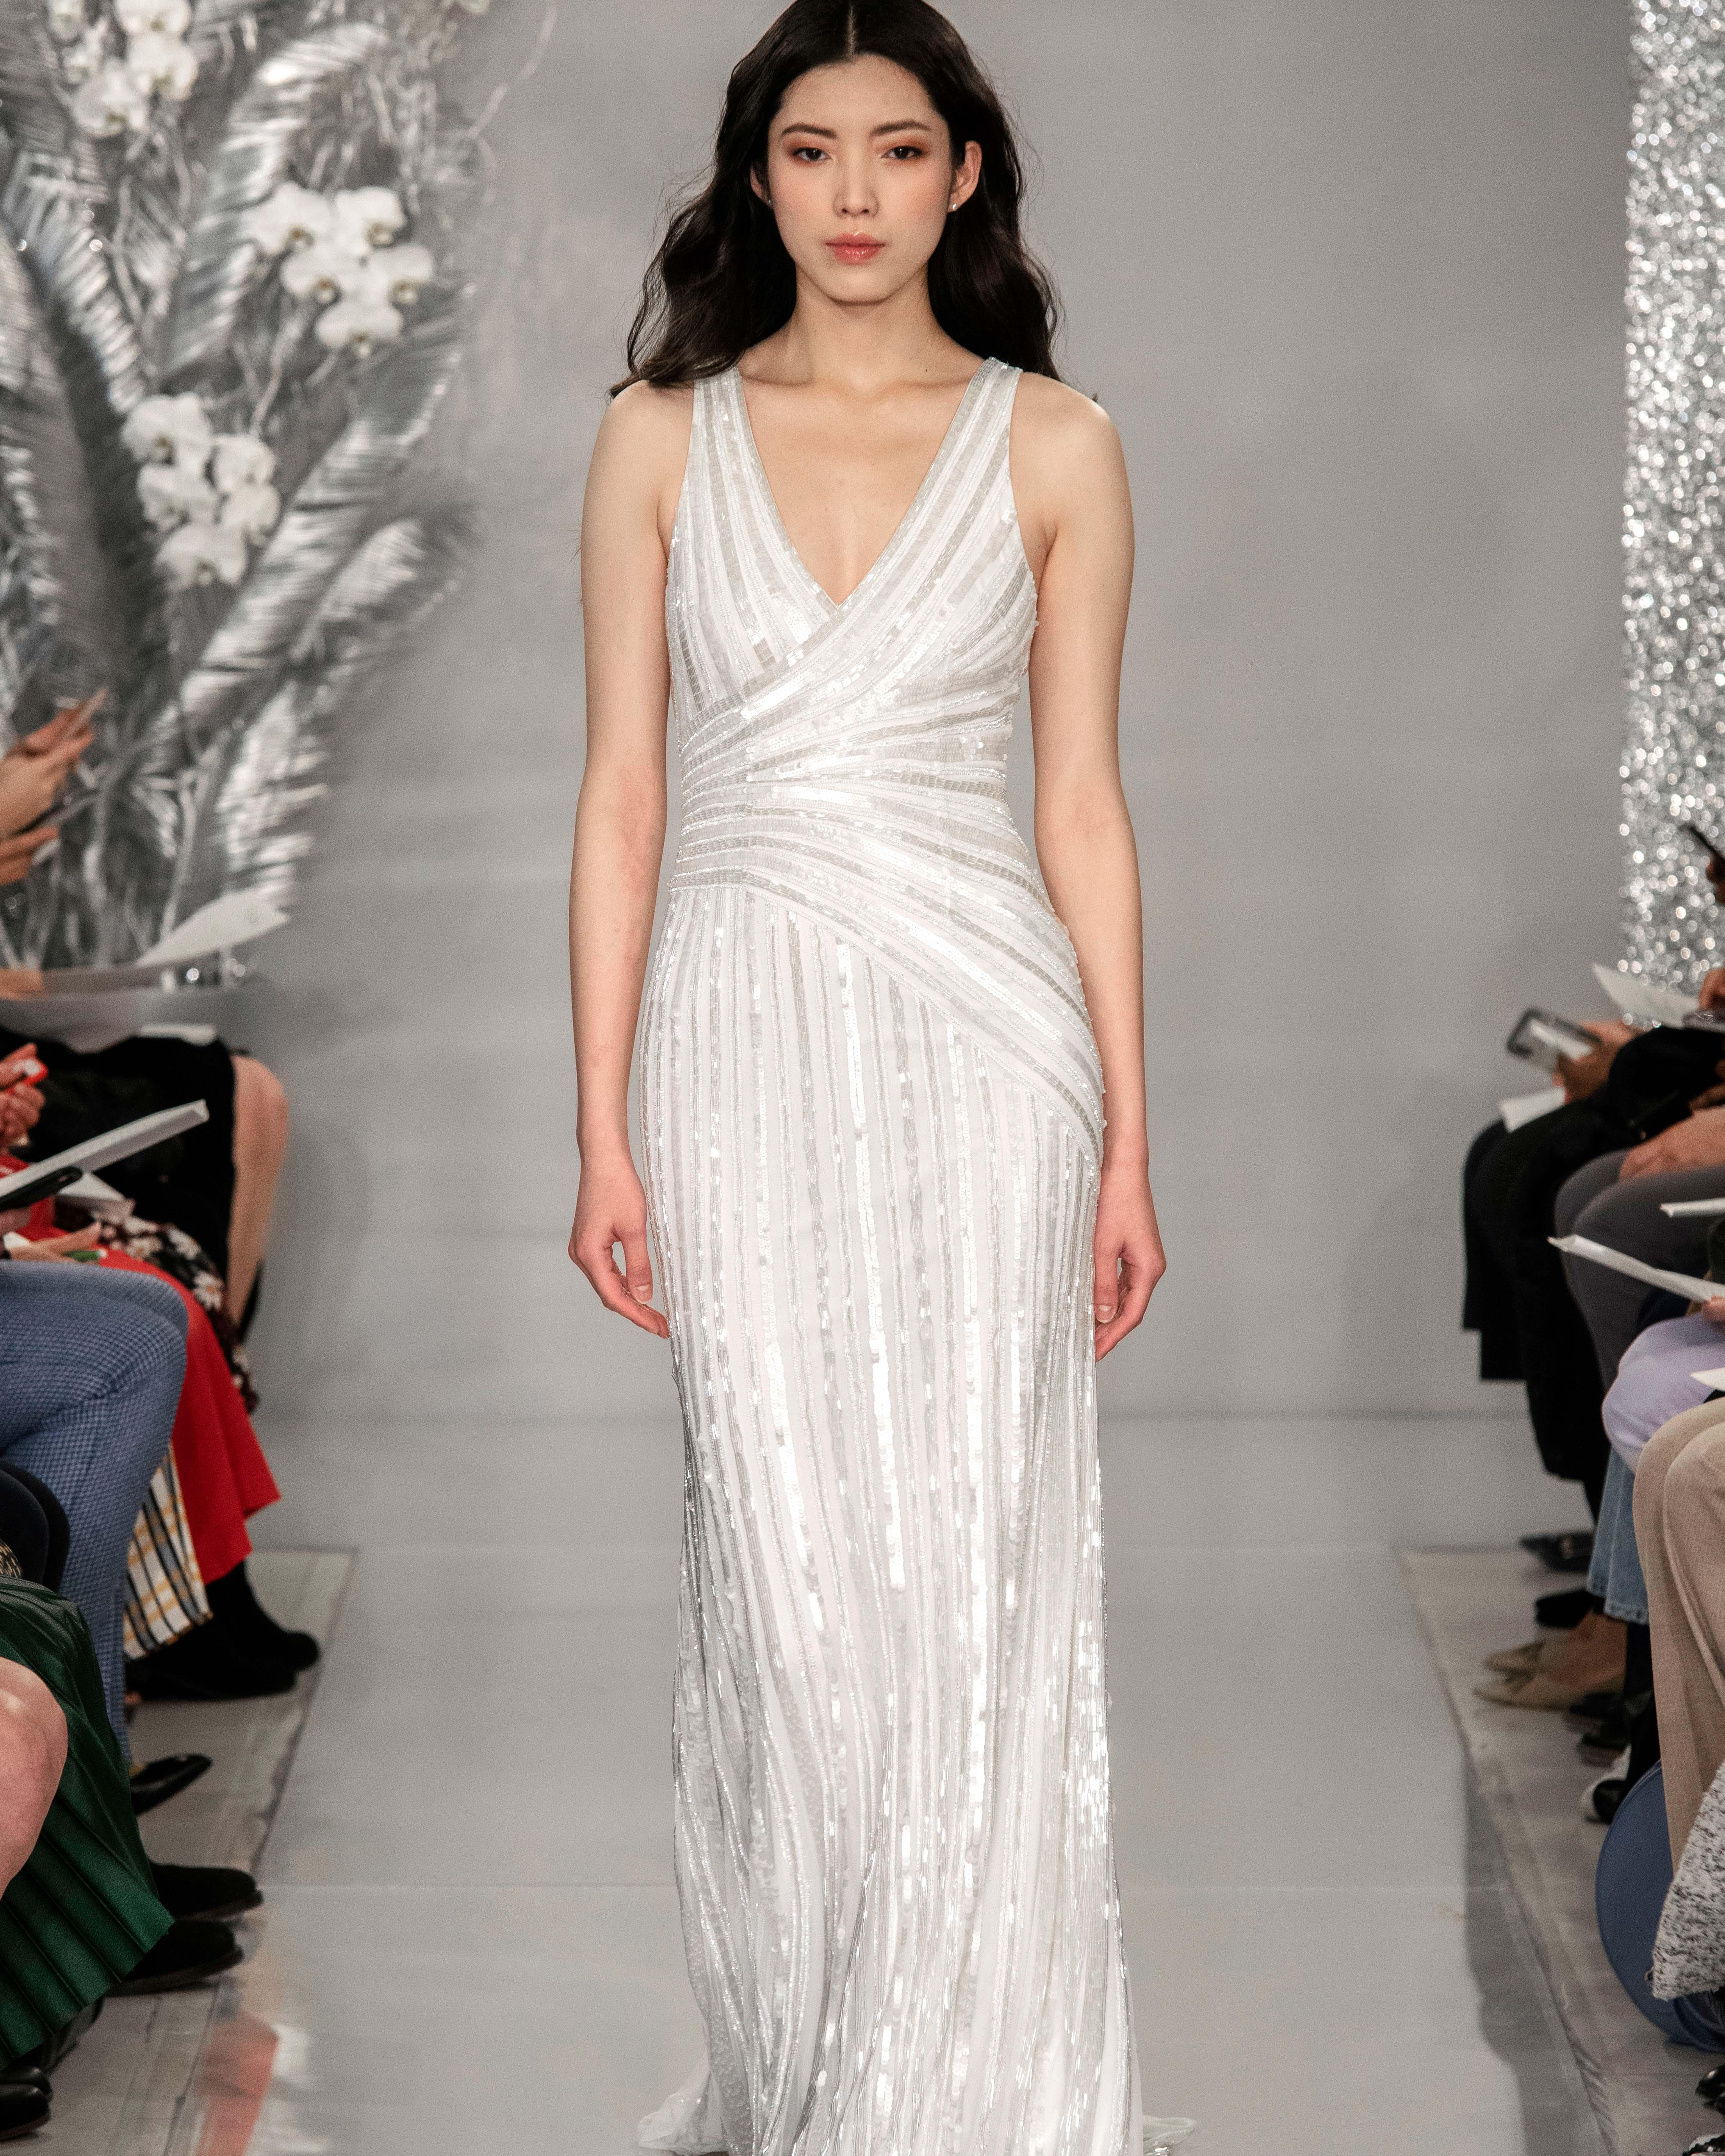 THEIA v-neck polychrome sequin wedding dress Spring 2020